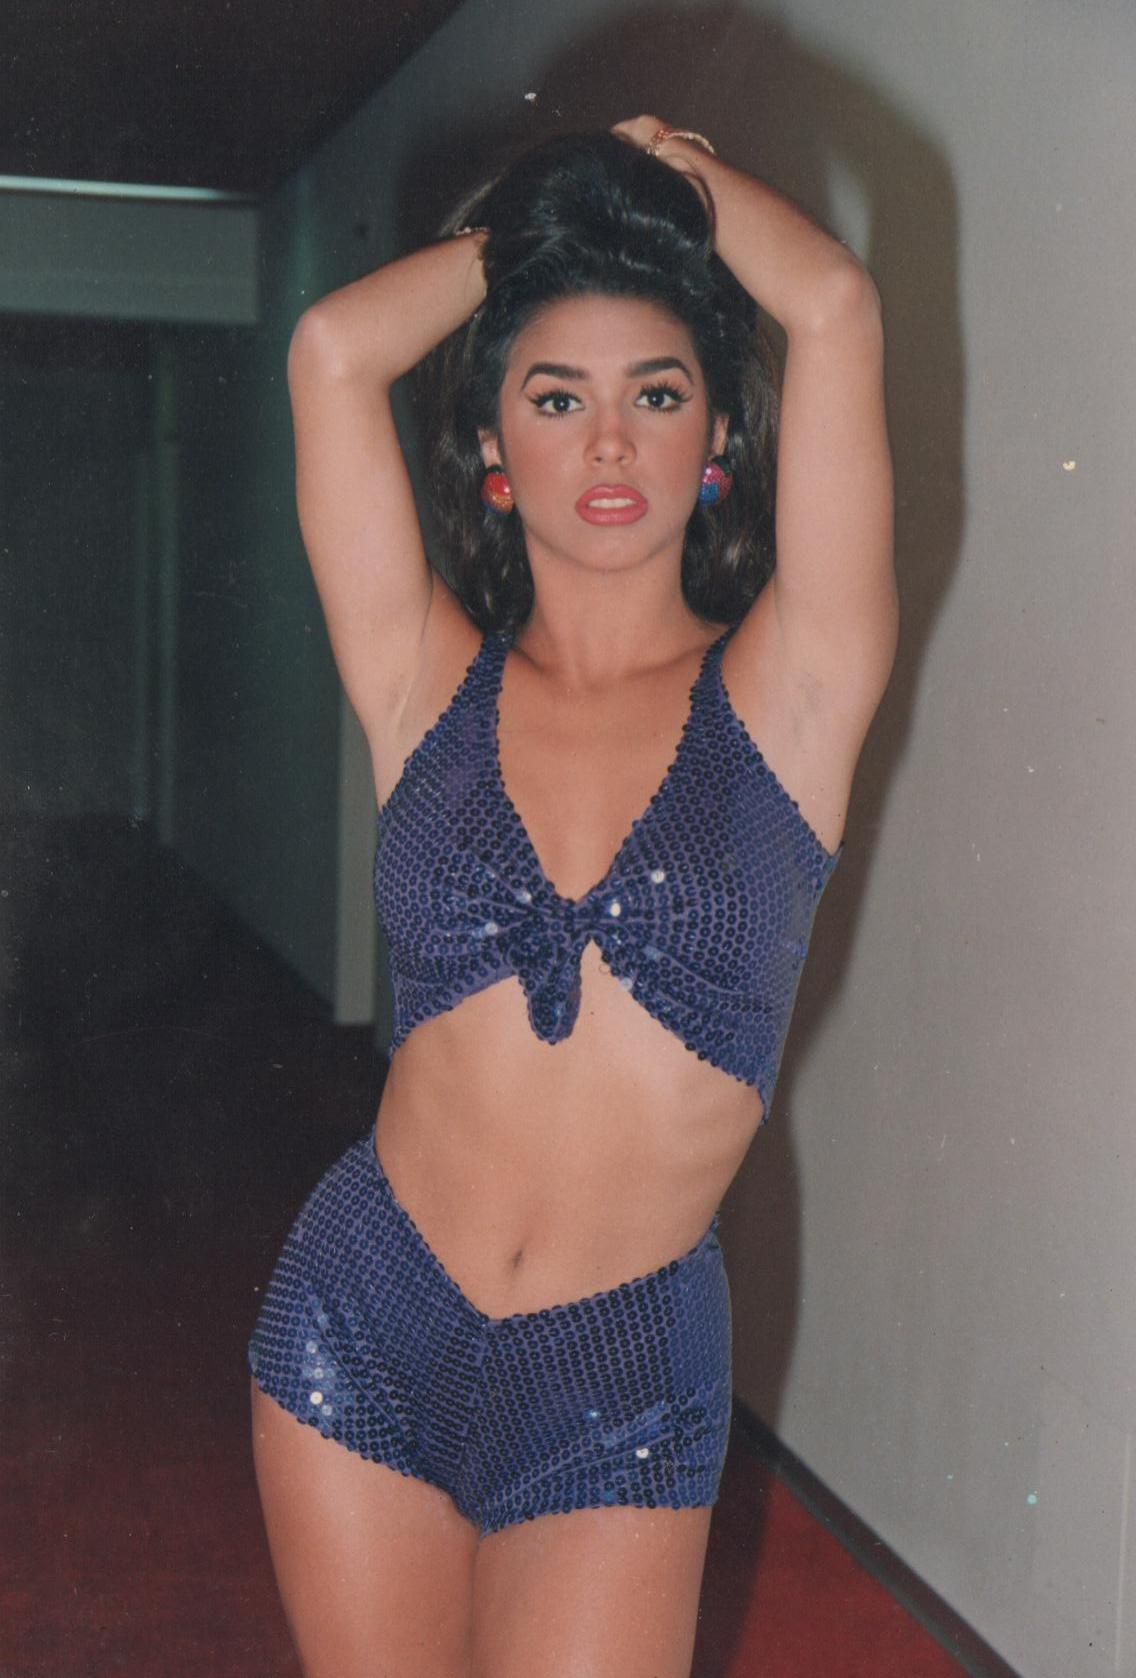 Bibi Gaytan